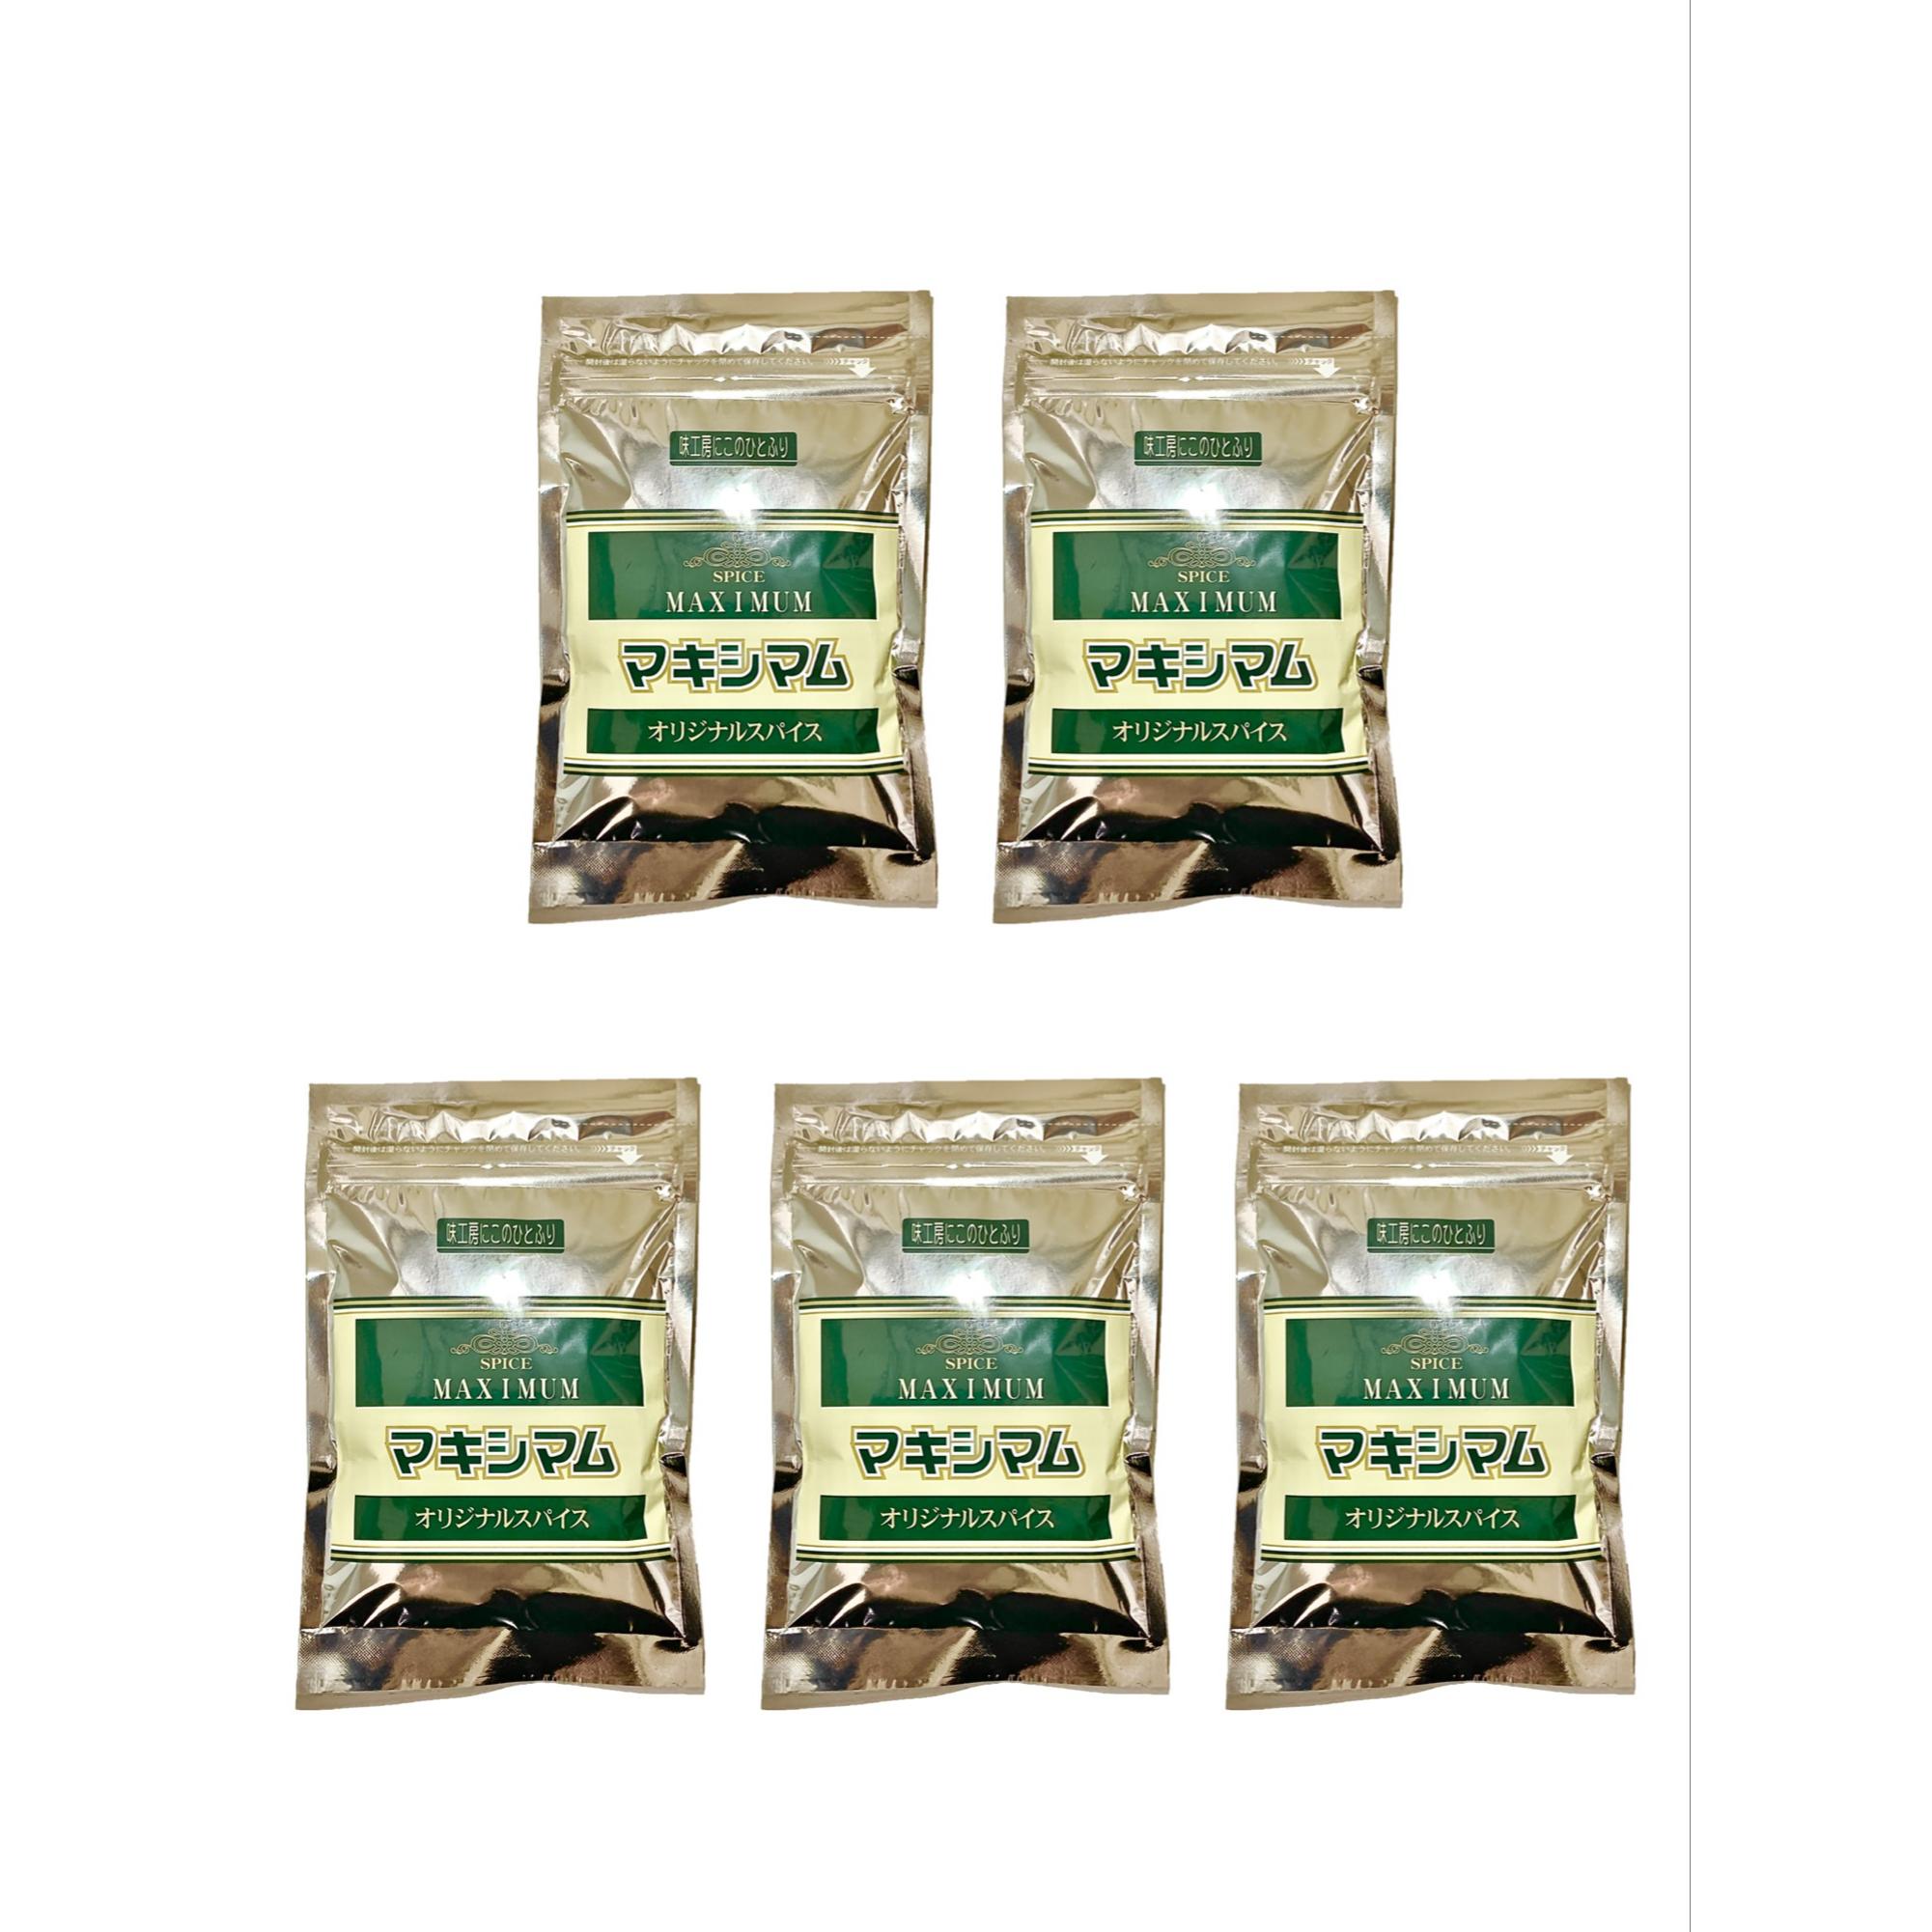 新作 中村食肉 送料無料 マキシマム 120g 詰め替え用 新登場 5袋セット